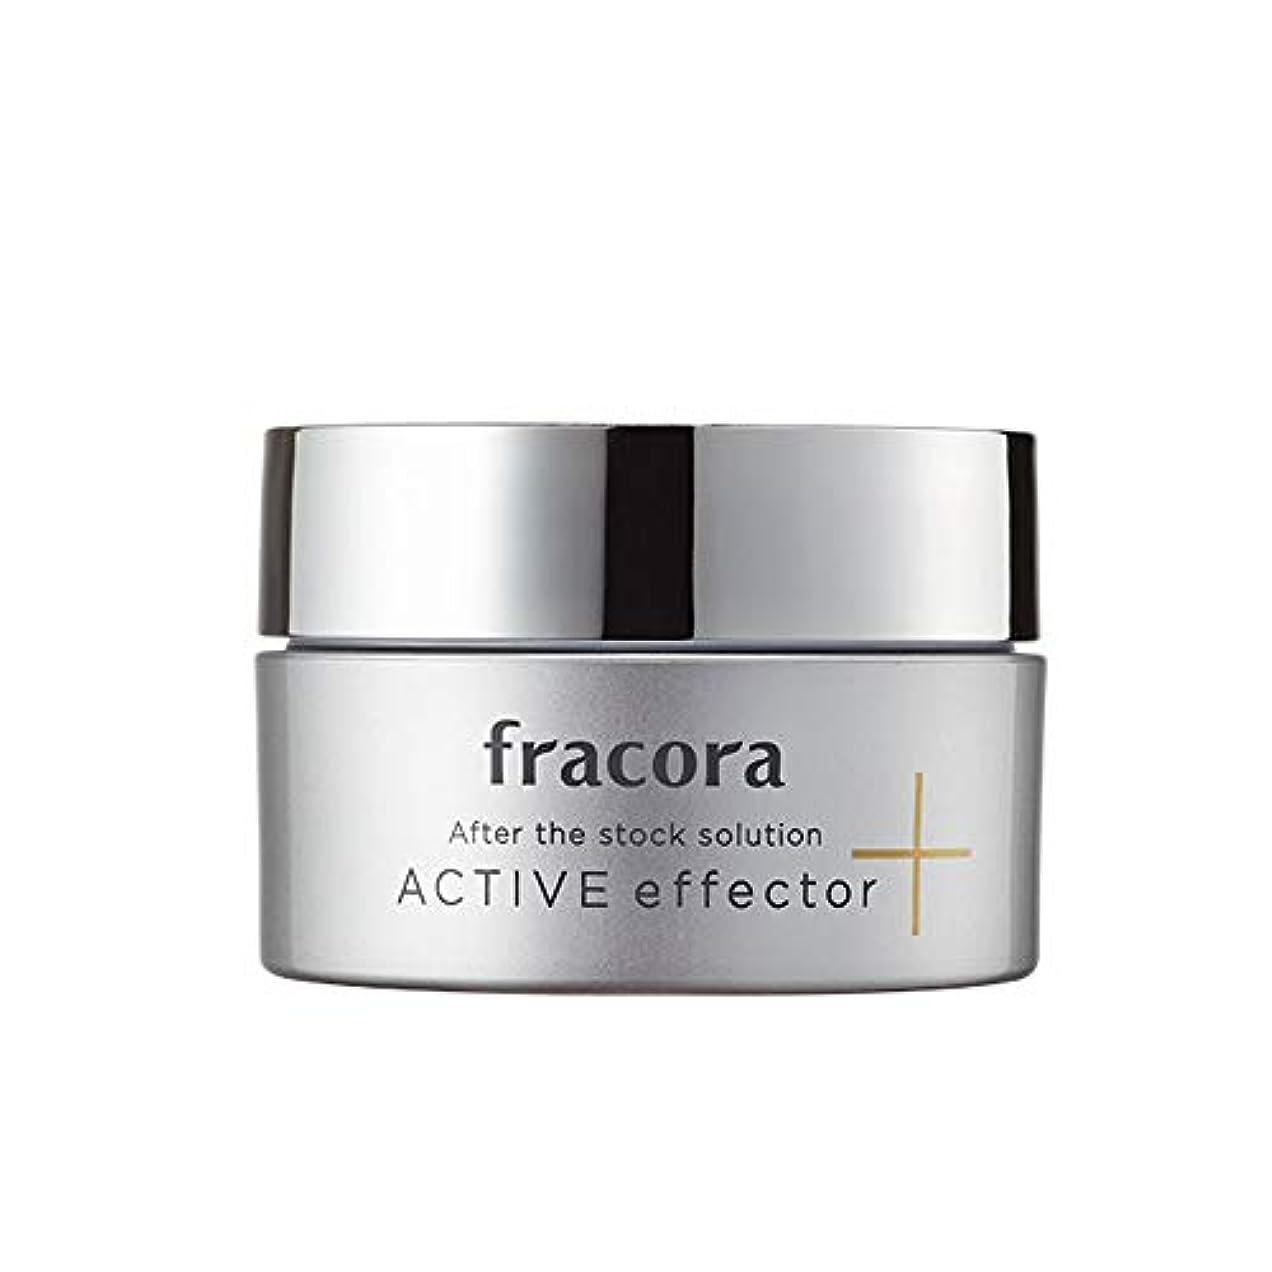 重要な役割を果たす、中心的な手段となる思いつく縁fracora(フラコラ) クリーム アクティブ エフェクター 50g